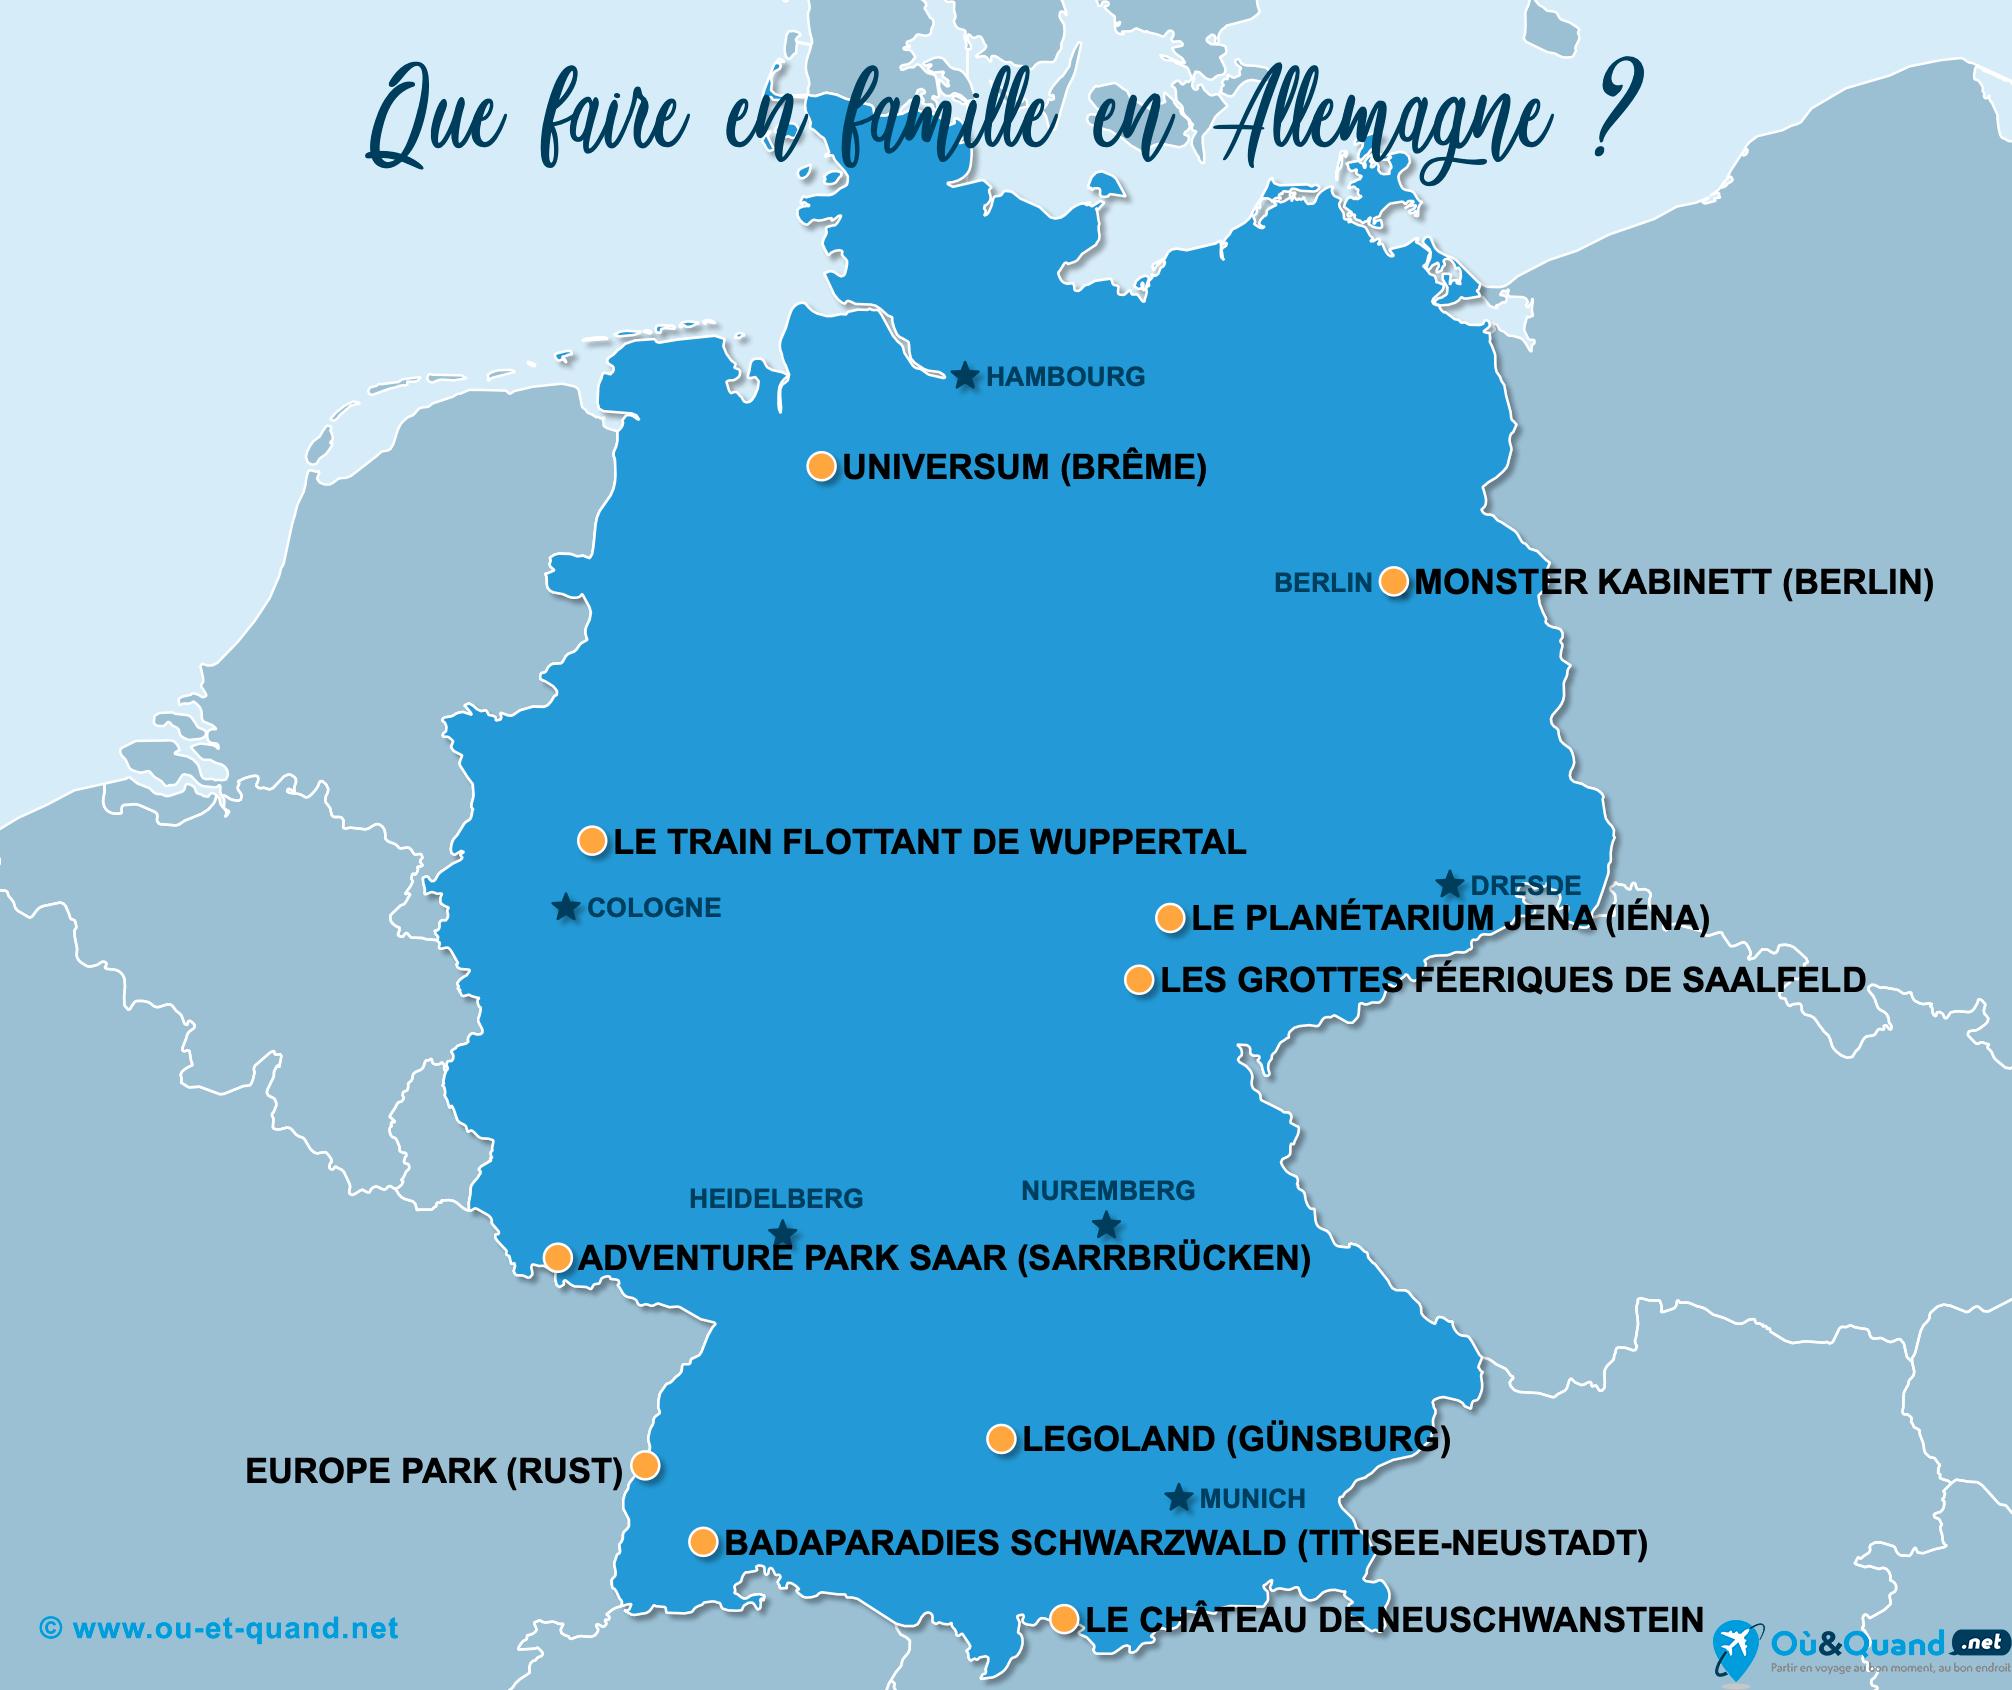 Carte Allemagne : L'Allemagne en famille